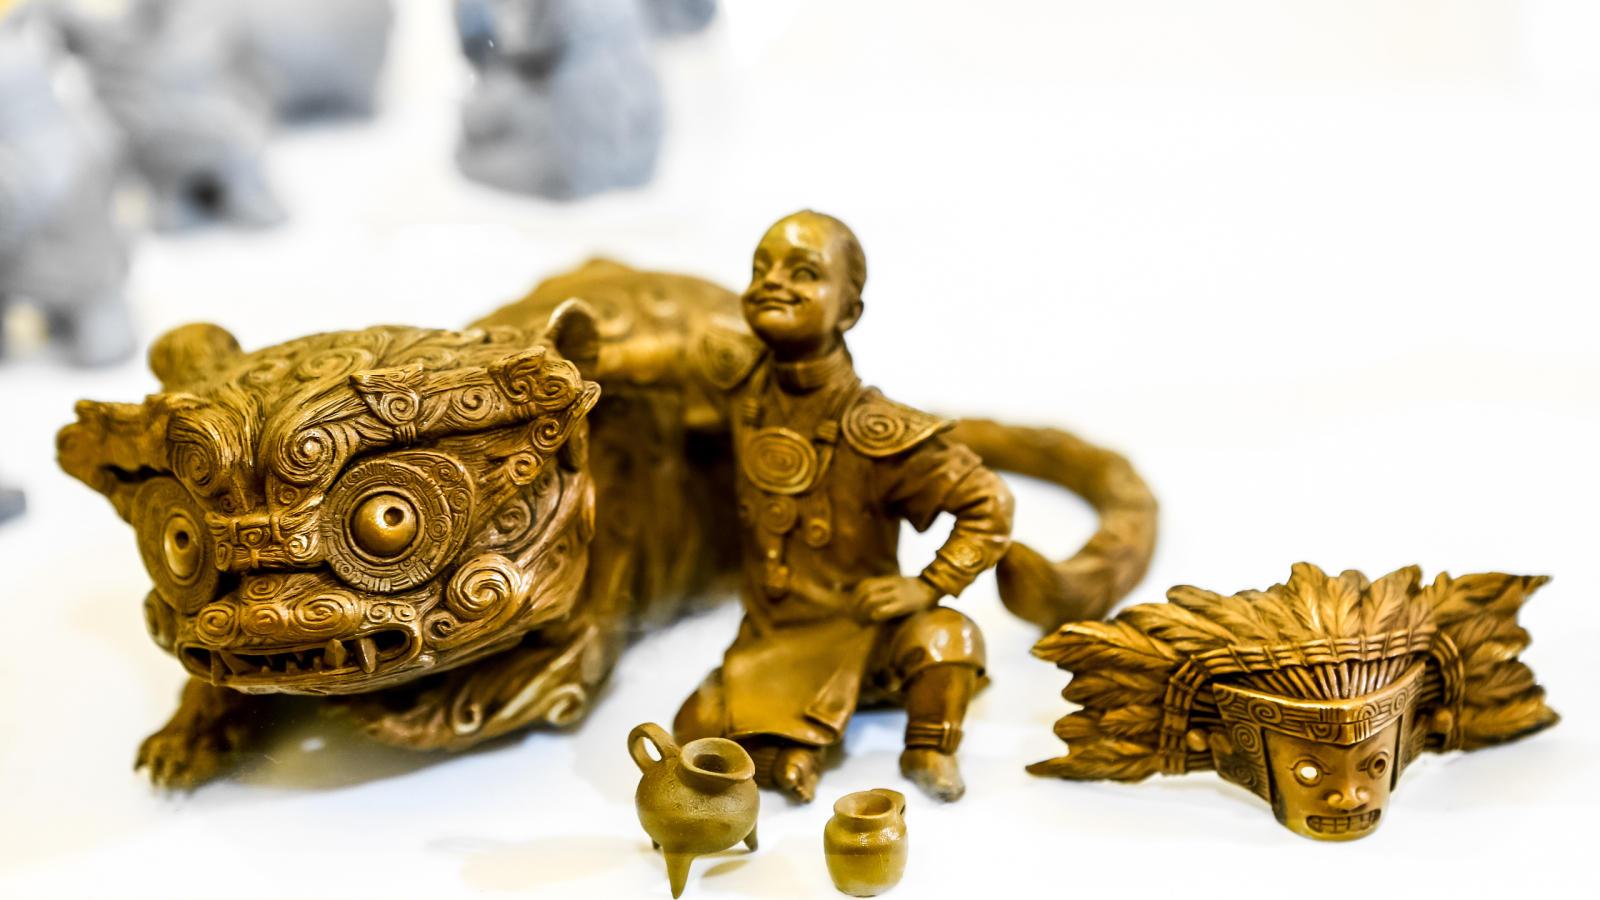 《神人兽面纹之好伙伴》 在上海WF展会展出